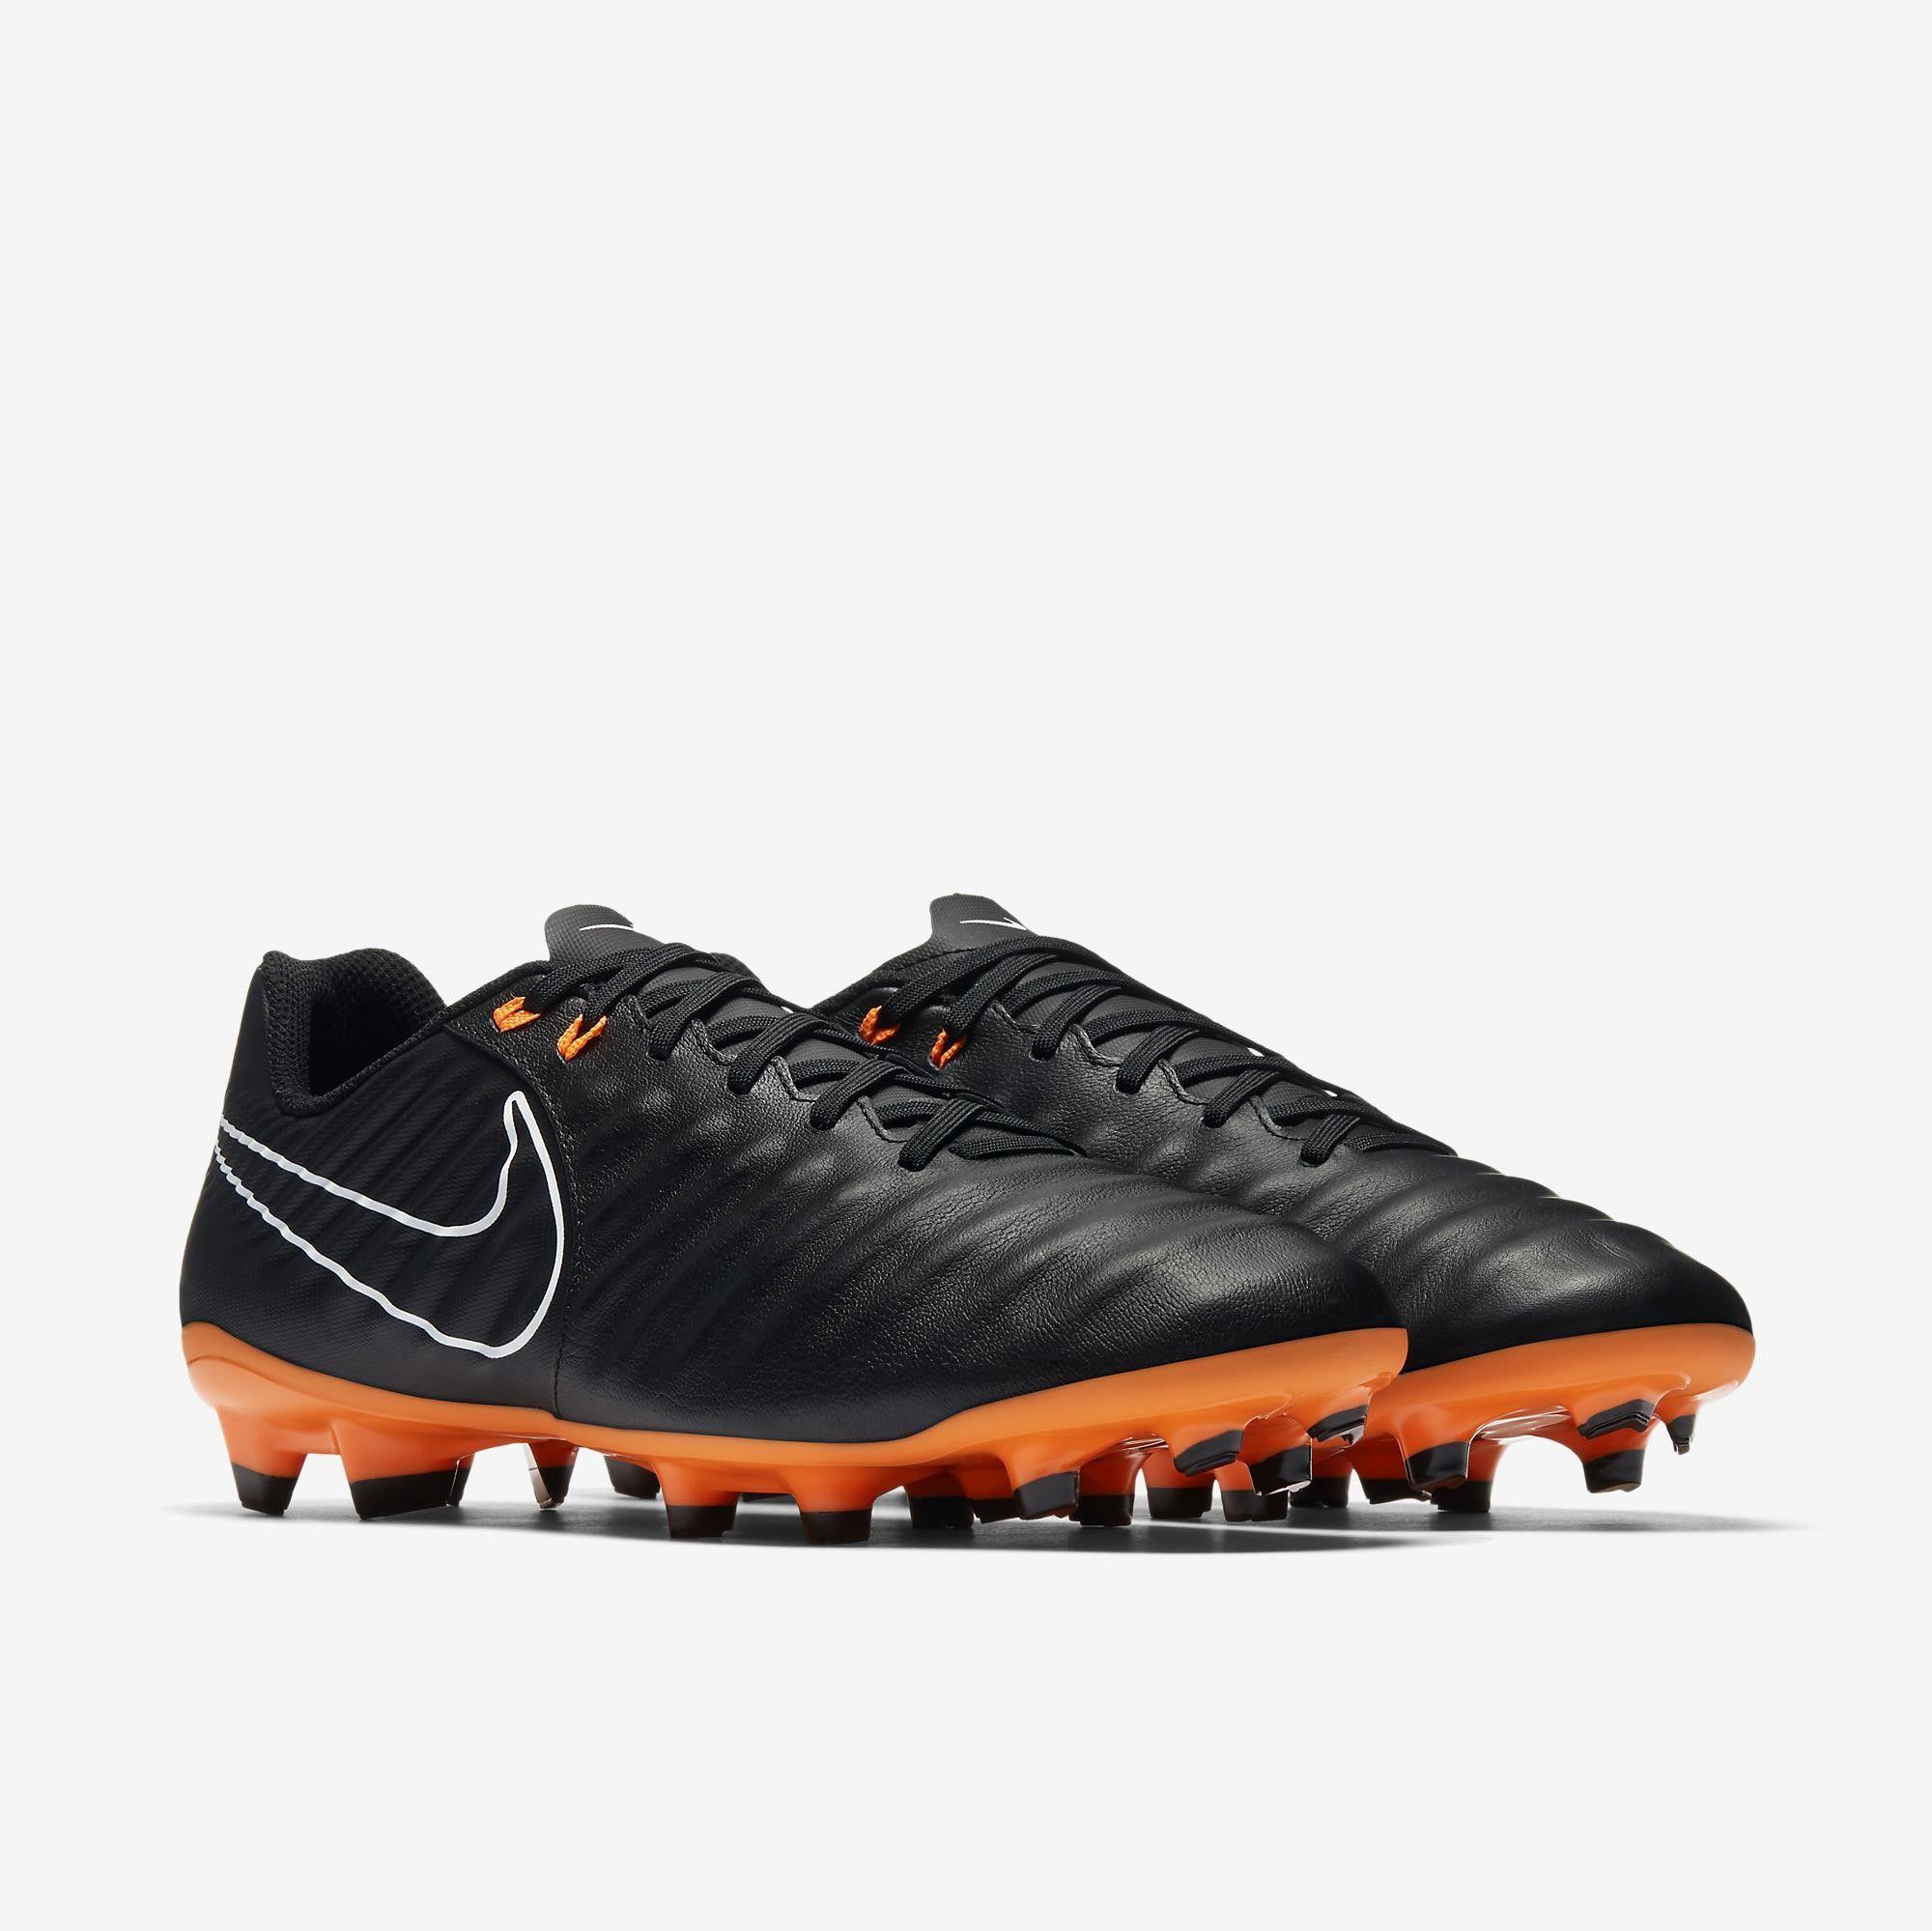 Chuteira Nike Ah7242 Tiempo Legend 7 Academy Campo - BRACIA SHOP ... 2c64686797af3